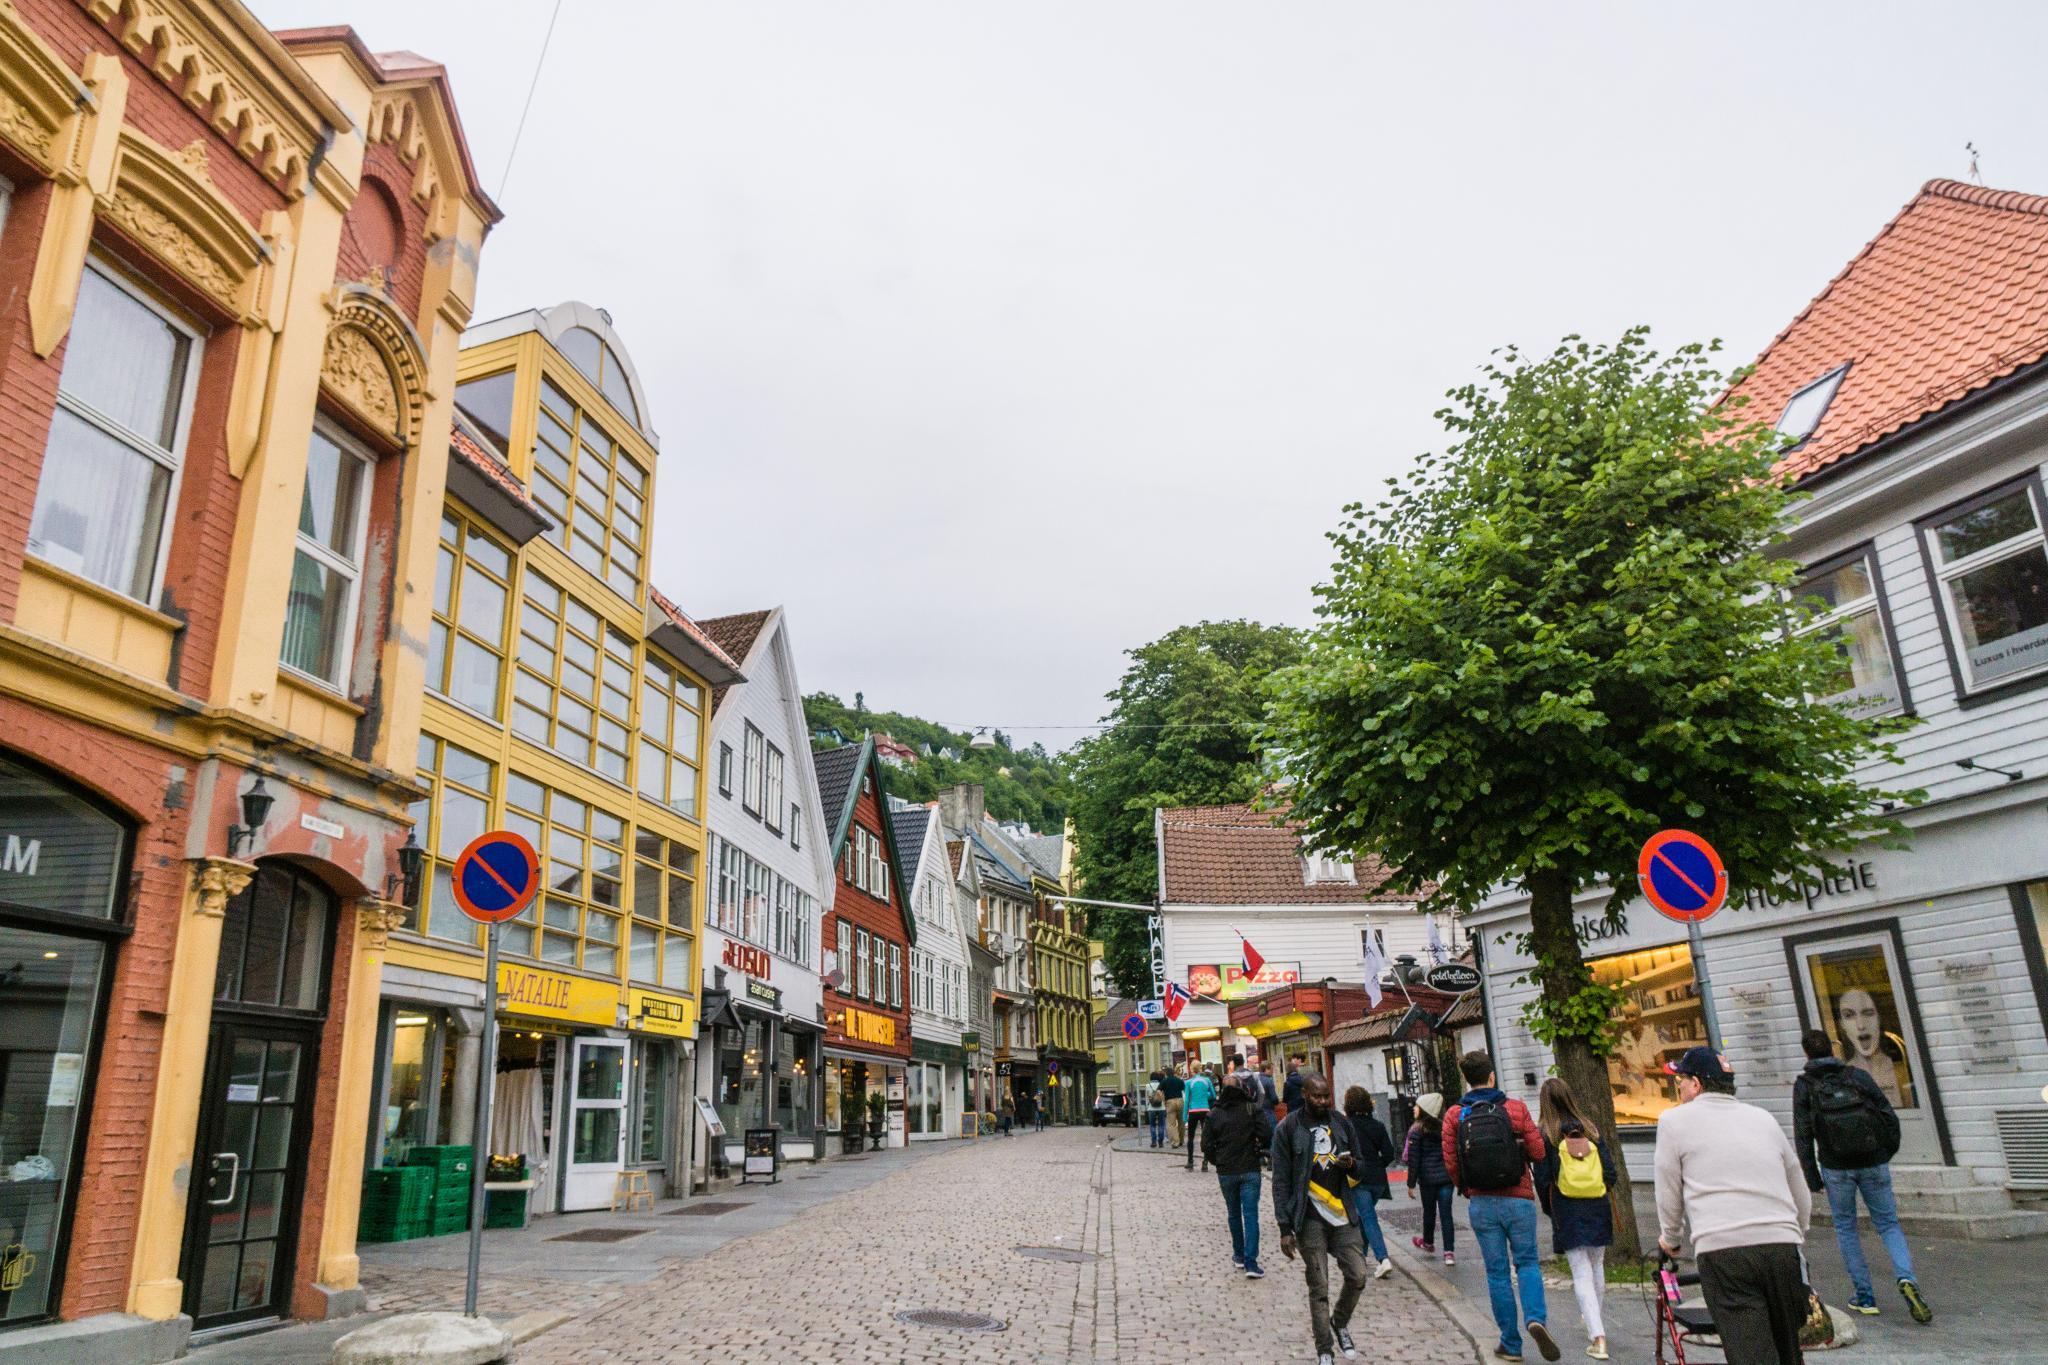 【卑爾根】童話北歐!卑爾根自由行景點全攻略 144